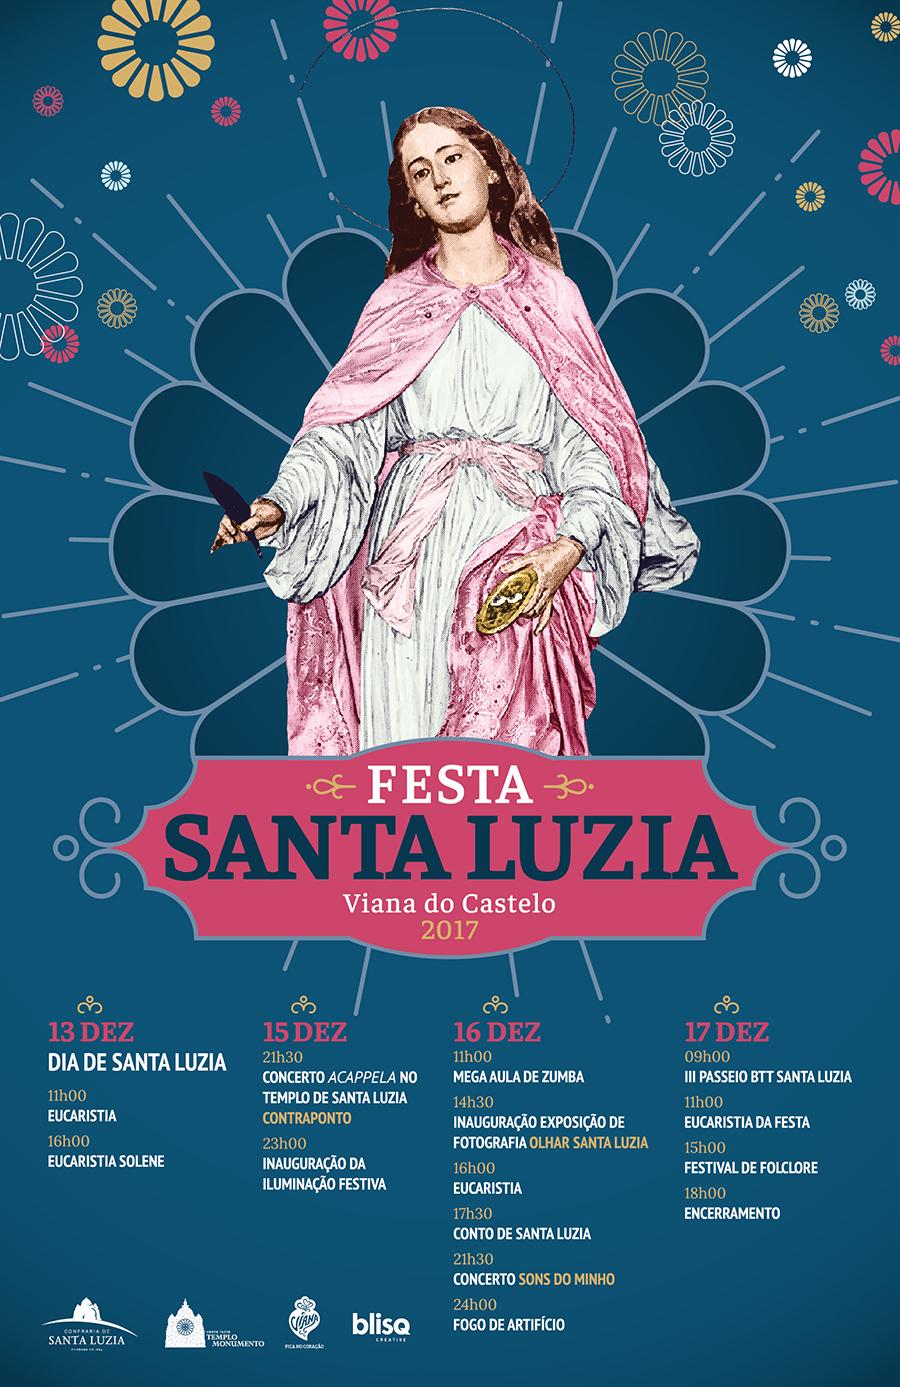 A Festa de Santa Luzia 2017